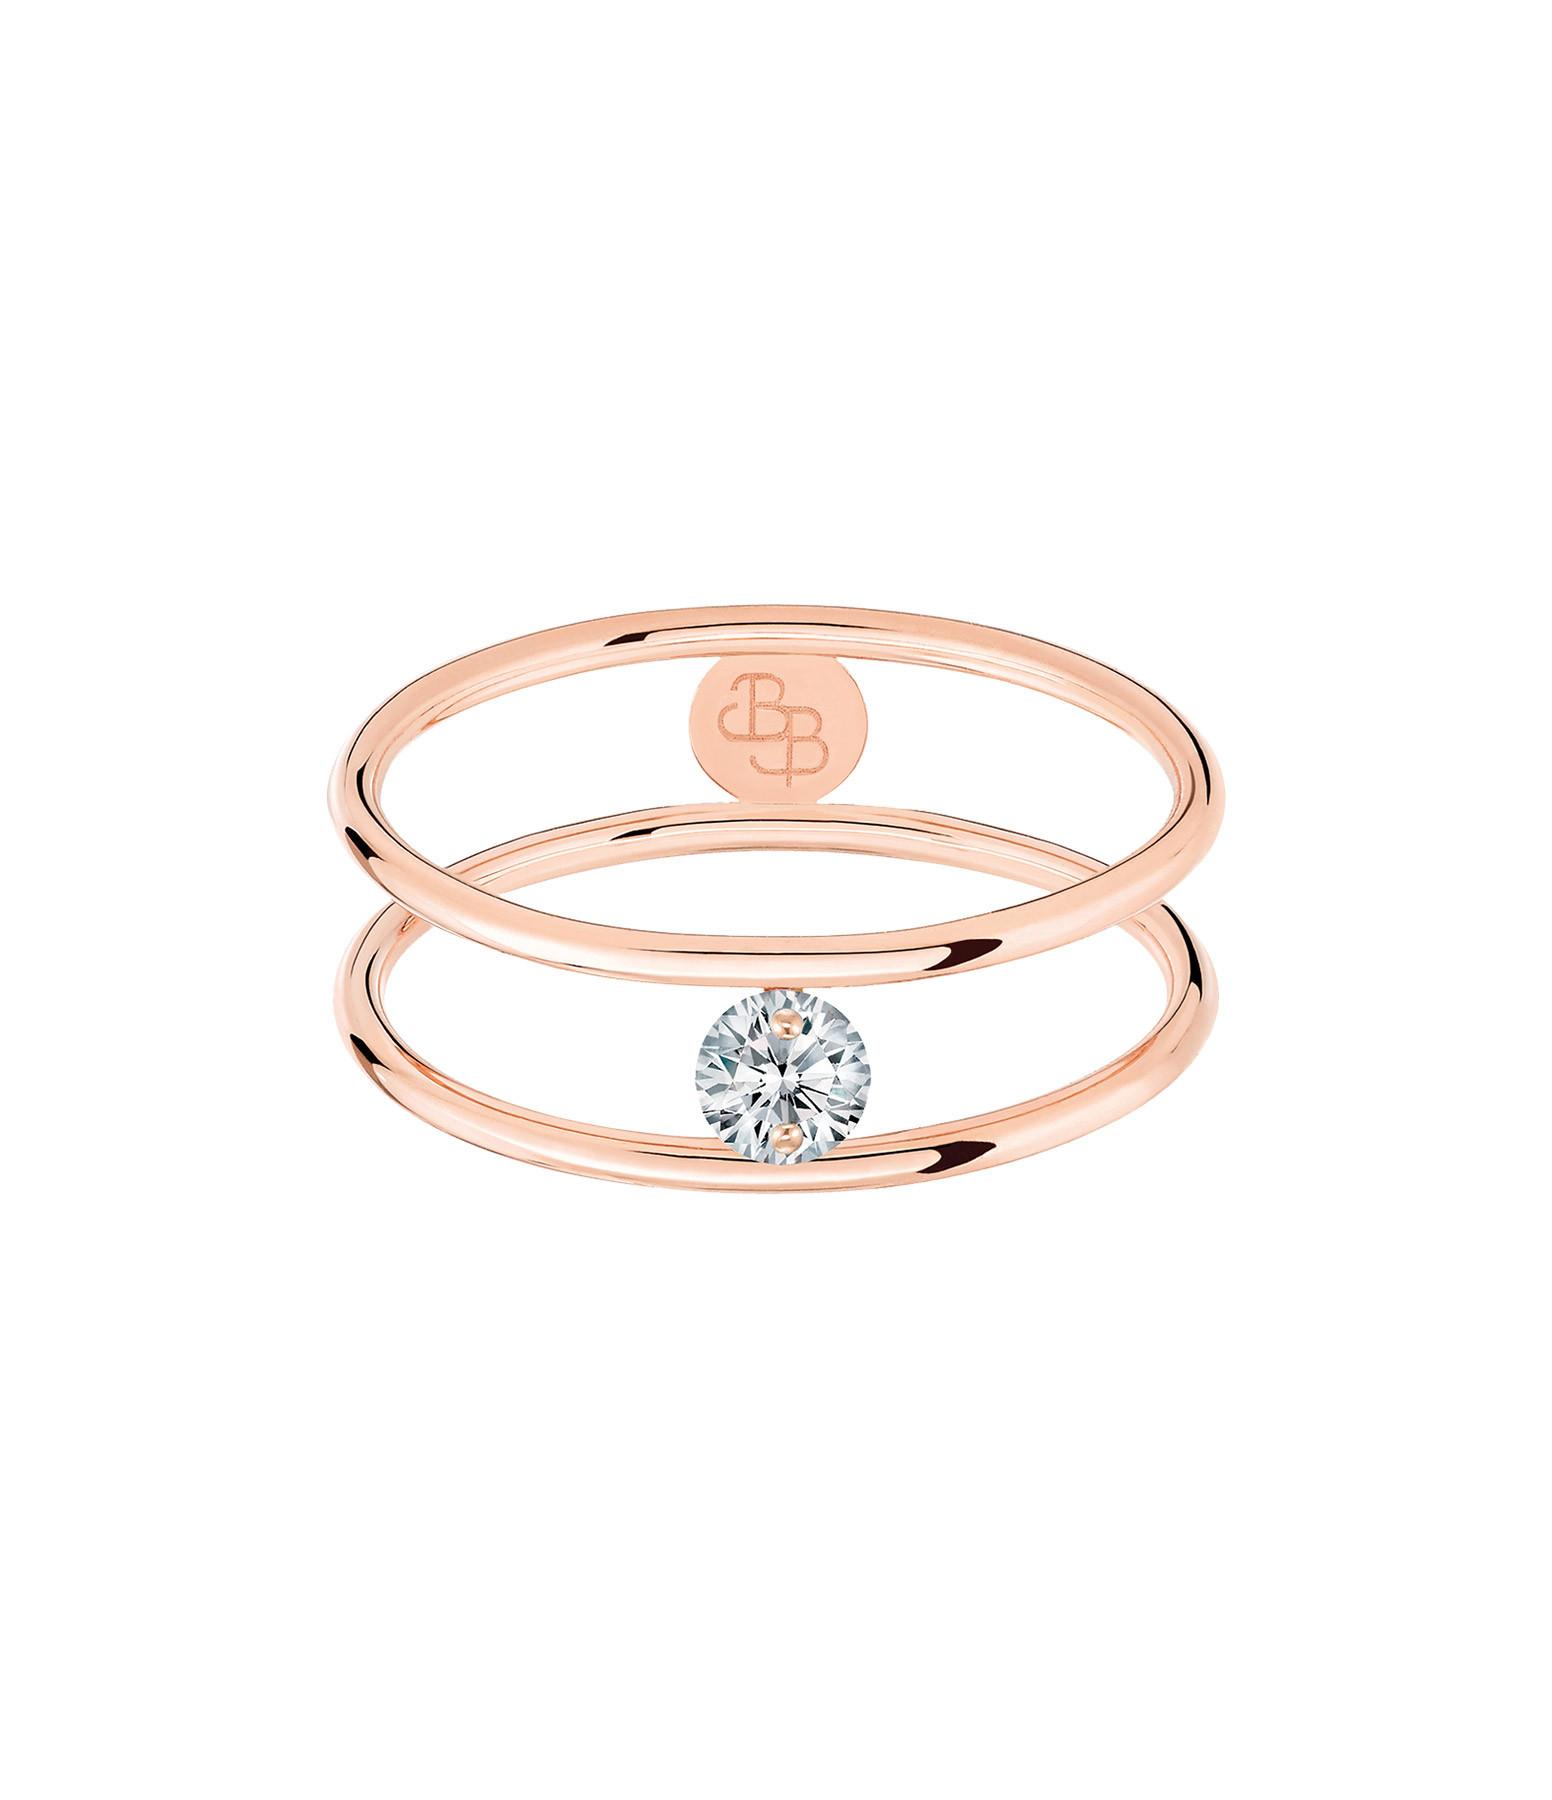 LA BRUNE & LA BLONDE - Bague Hula Hoop Diamant 0,10 Or Rose